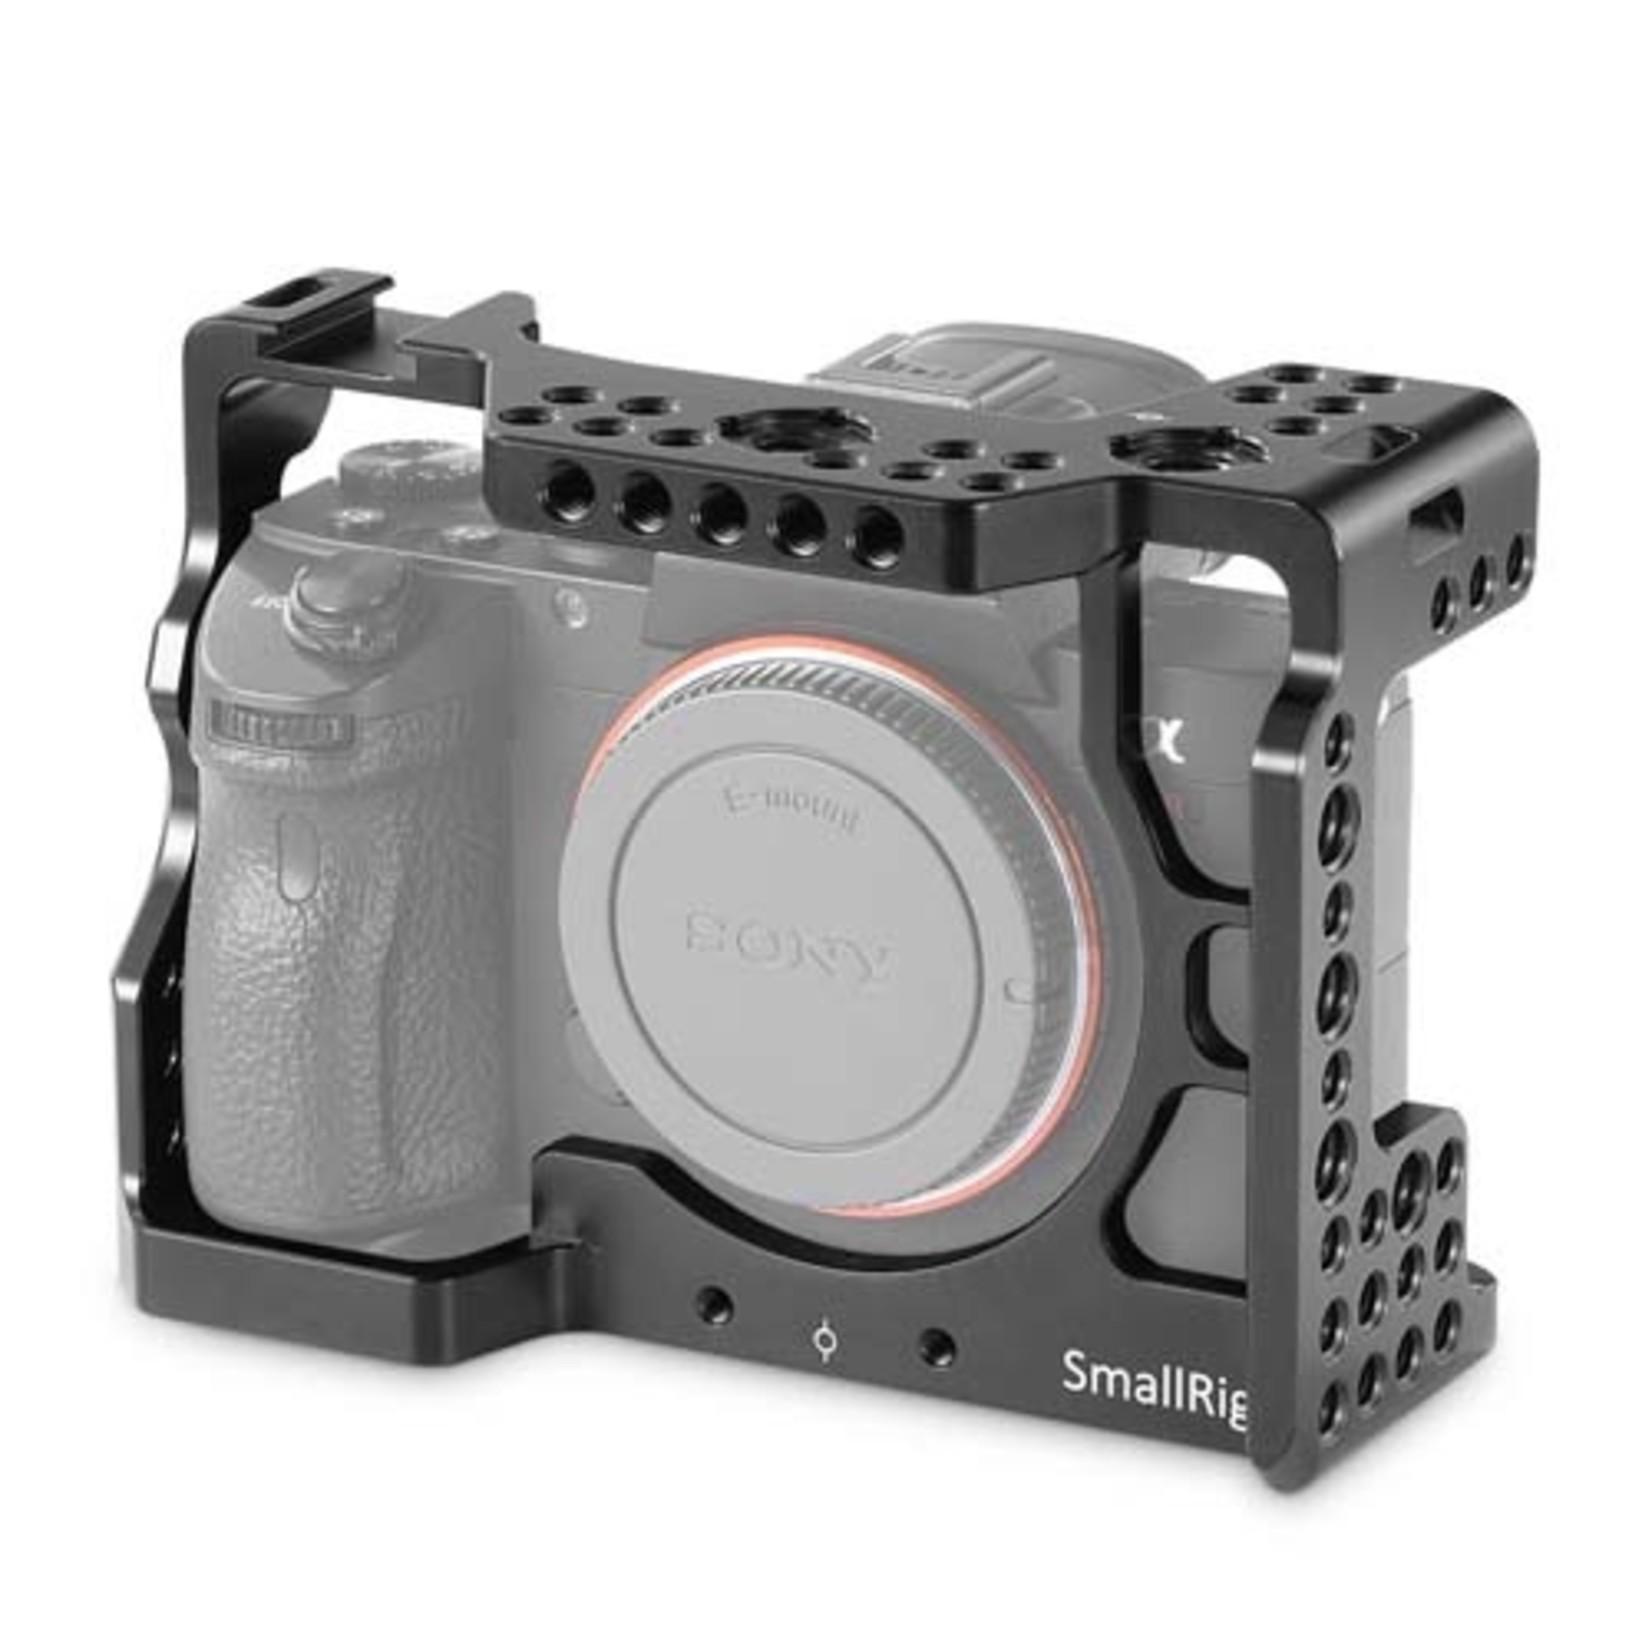 SmallRig SmallRig Cage for Sony A7RIII/A7M3/A7III